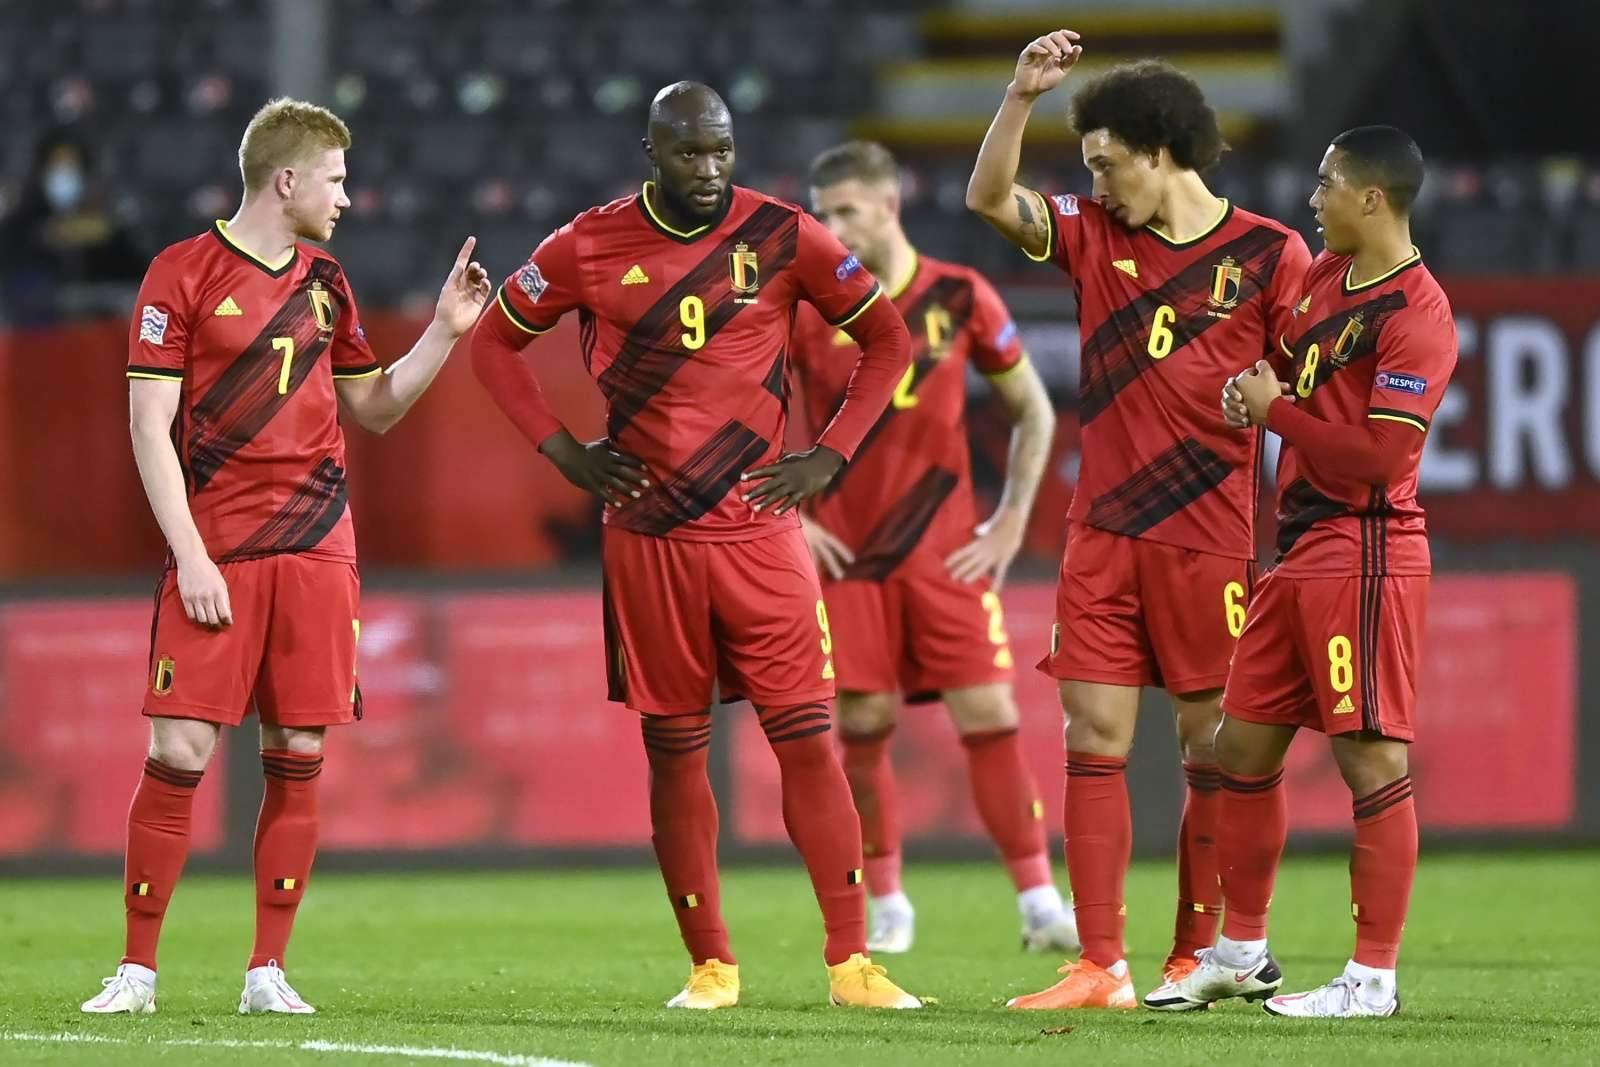 Португалия и Уэльс набрали по три очка, Беларусь пропустила 8 мячей от Бельгии